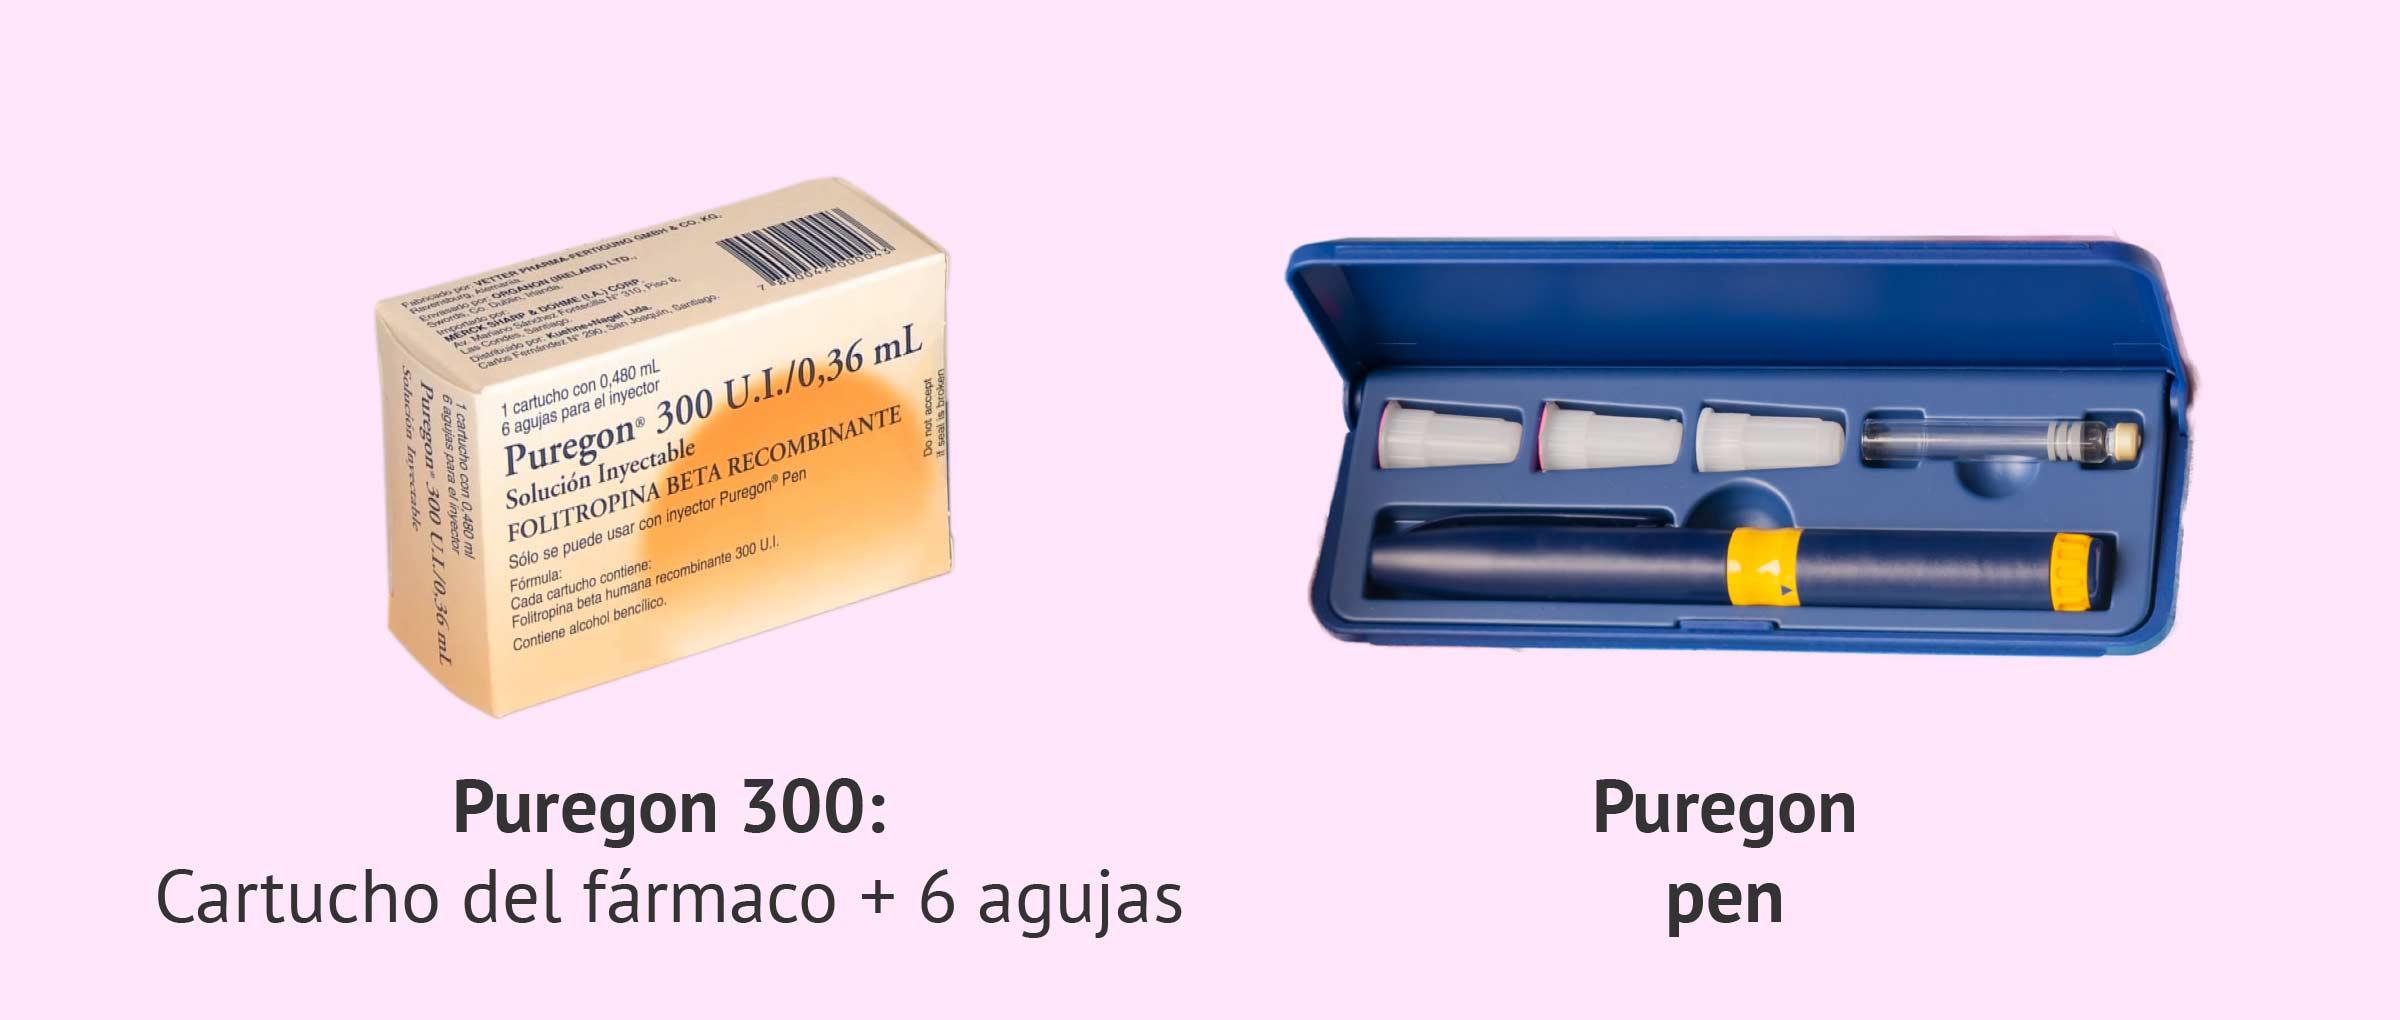 Puregon 300: composición, mecanismo de acción y aplicación